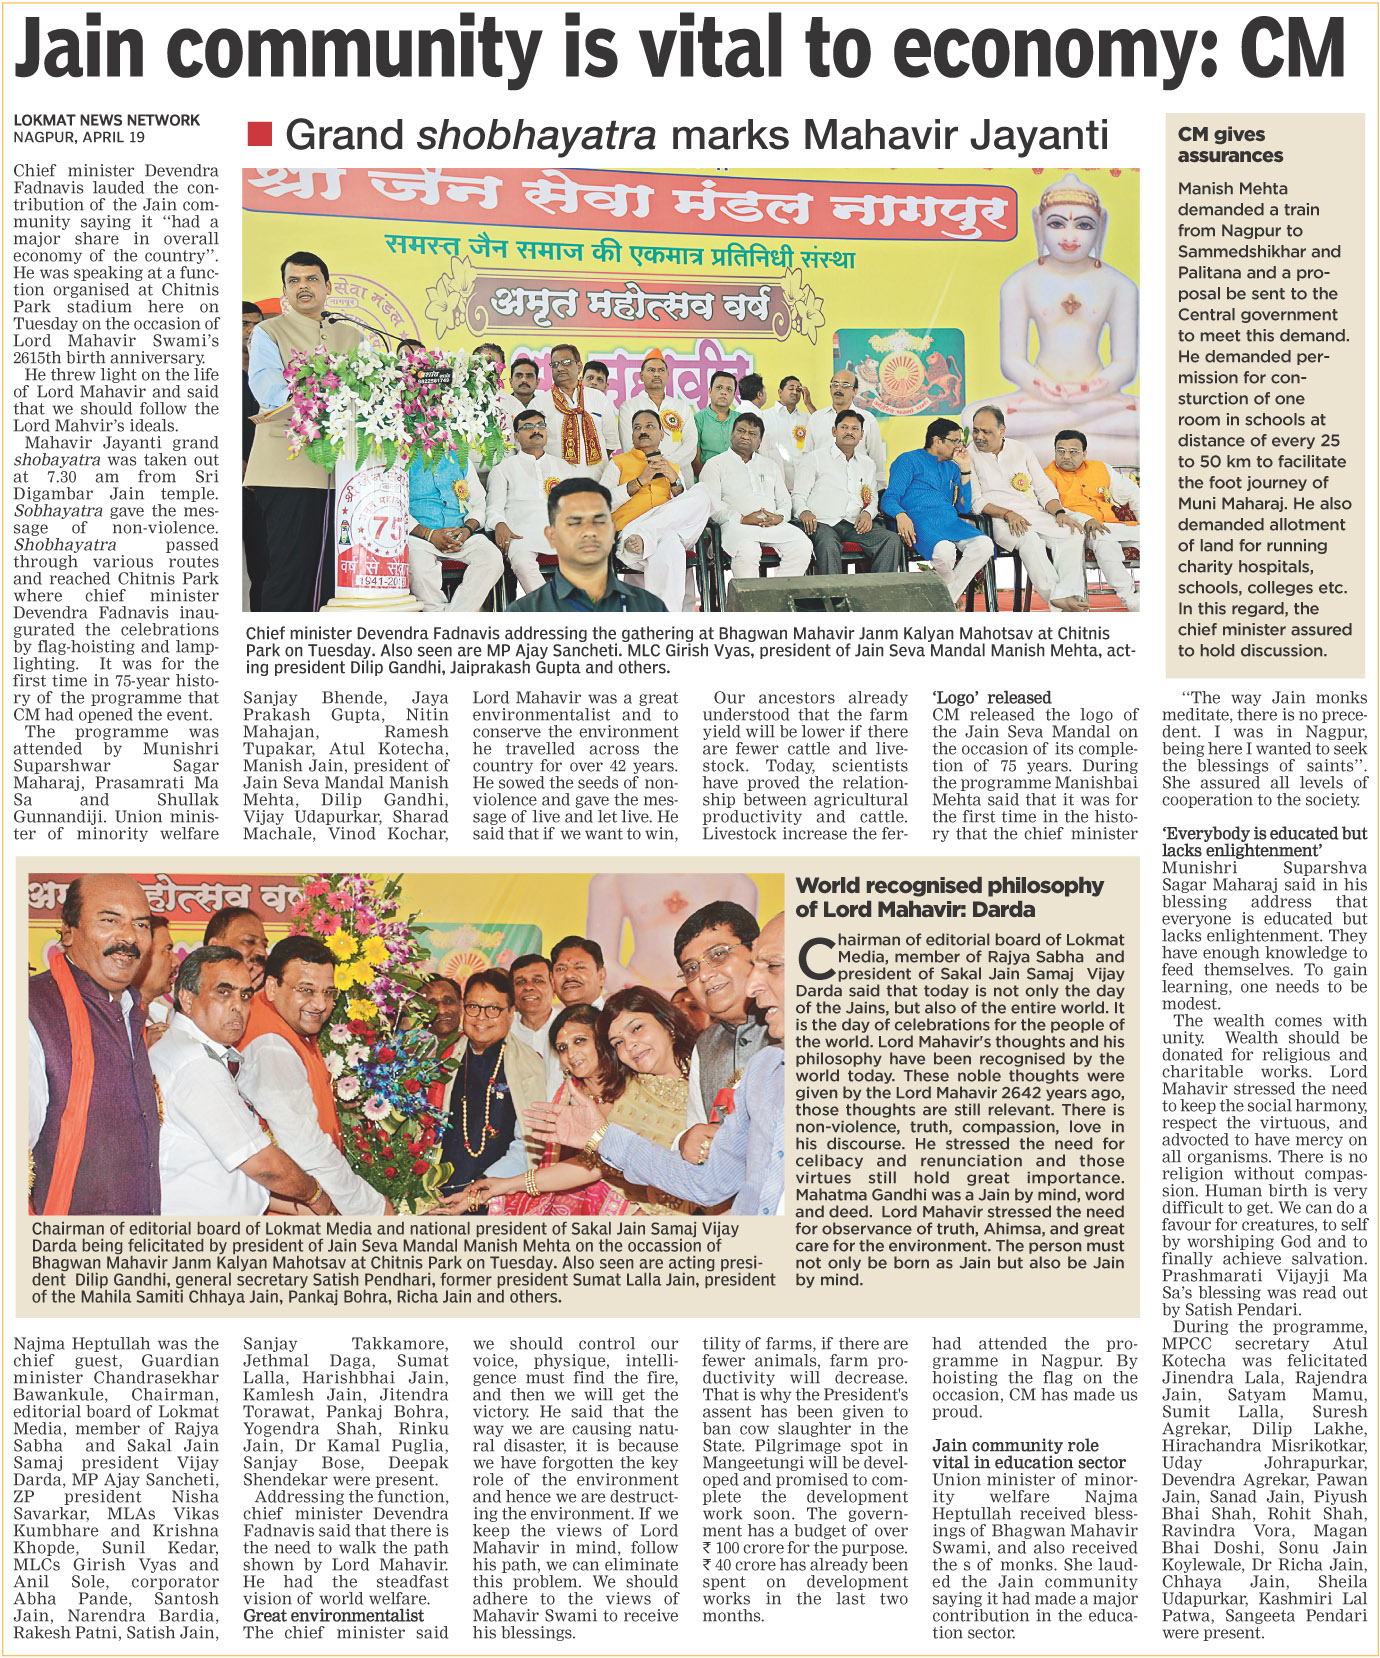 Jain community is vital to economy: CM